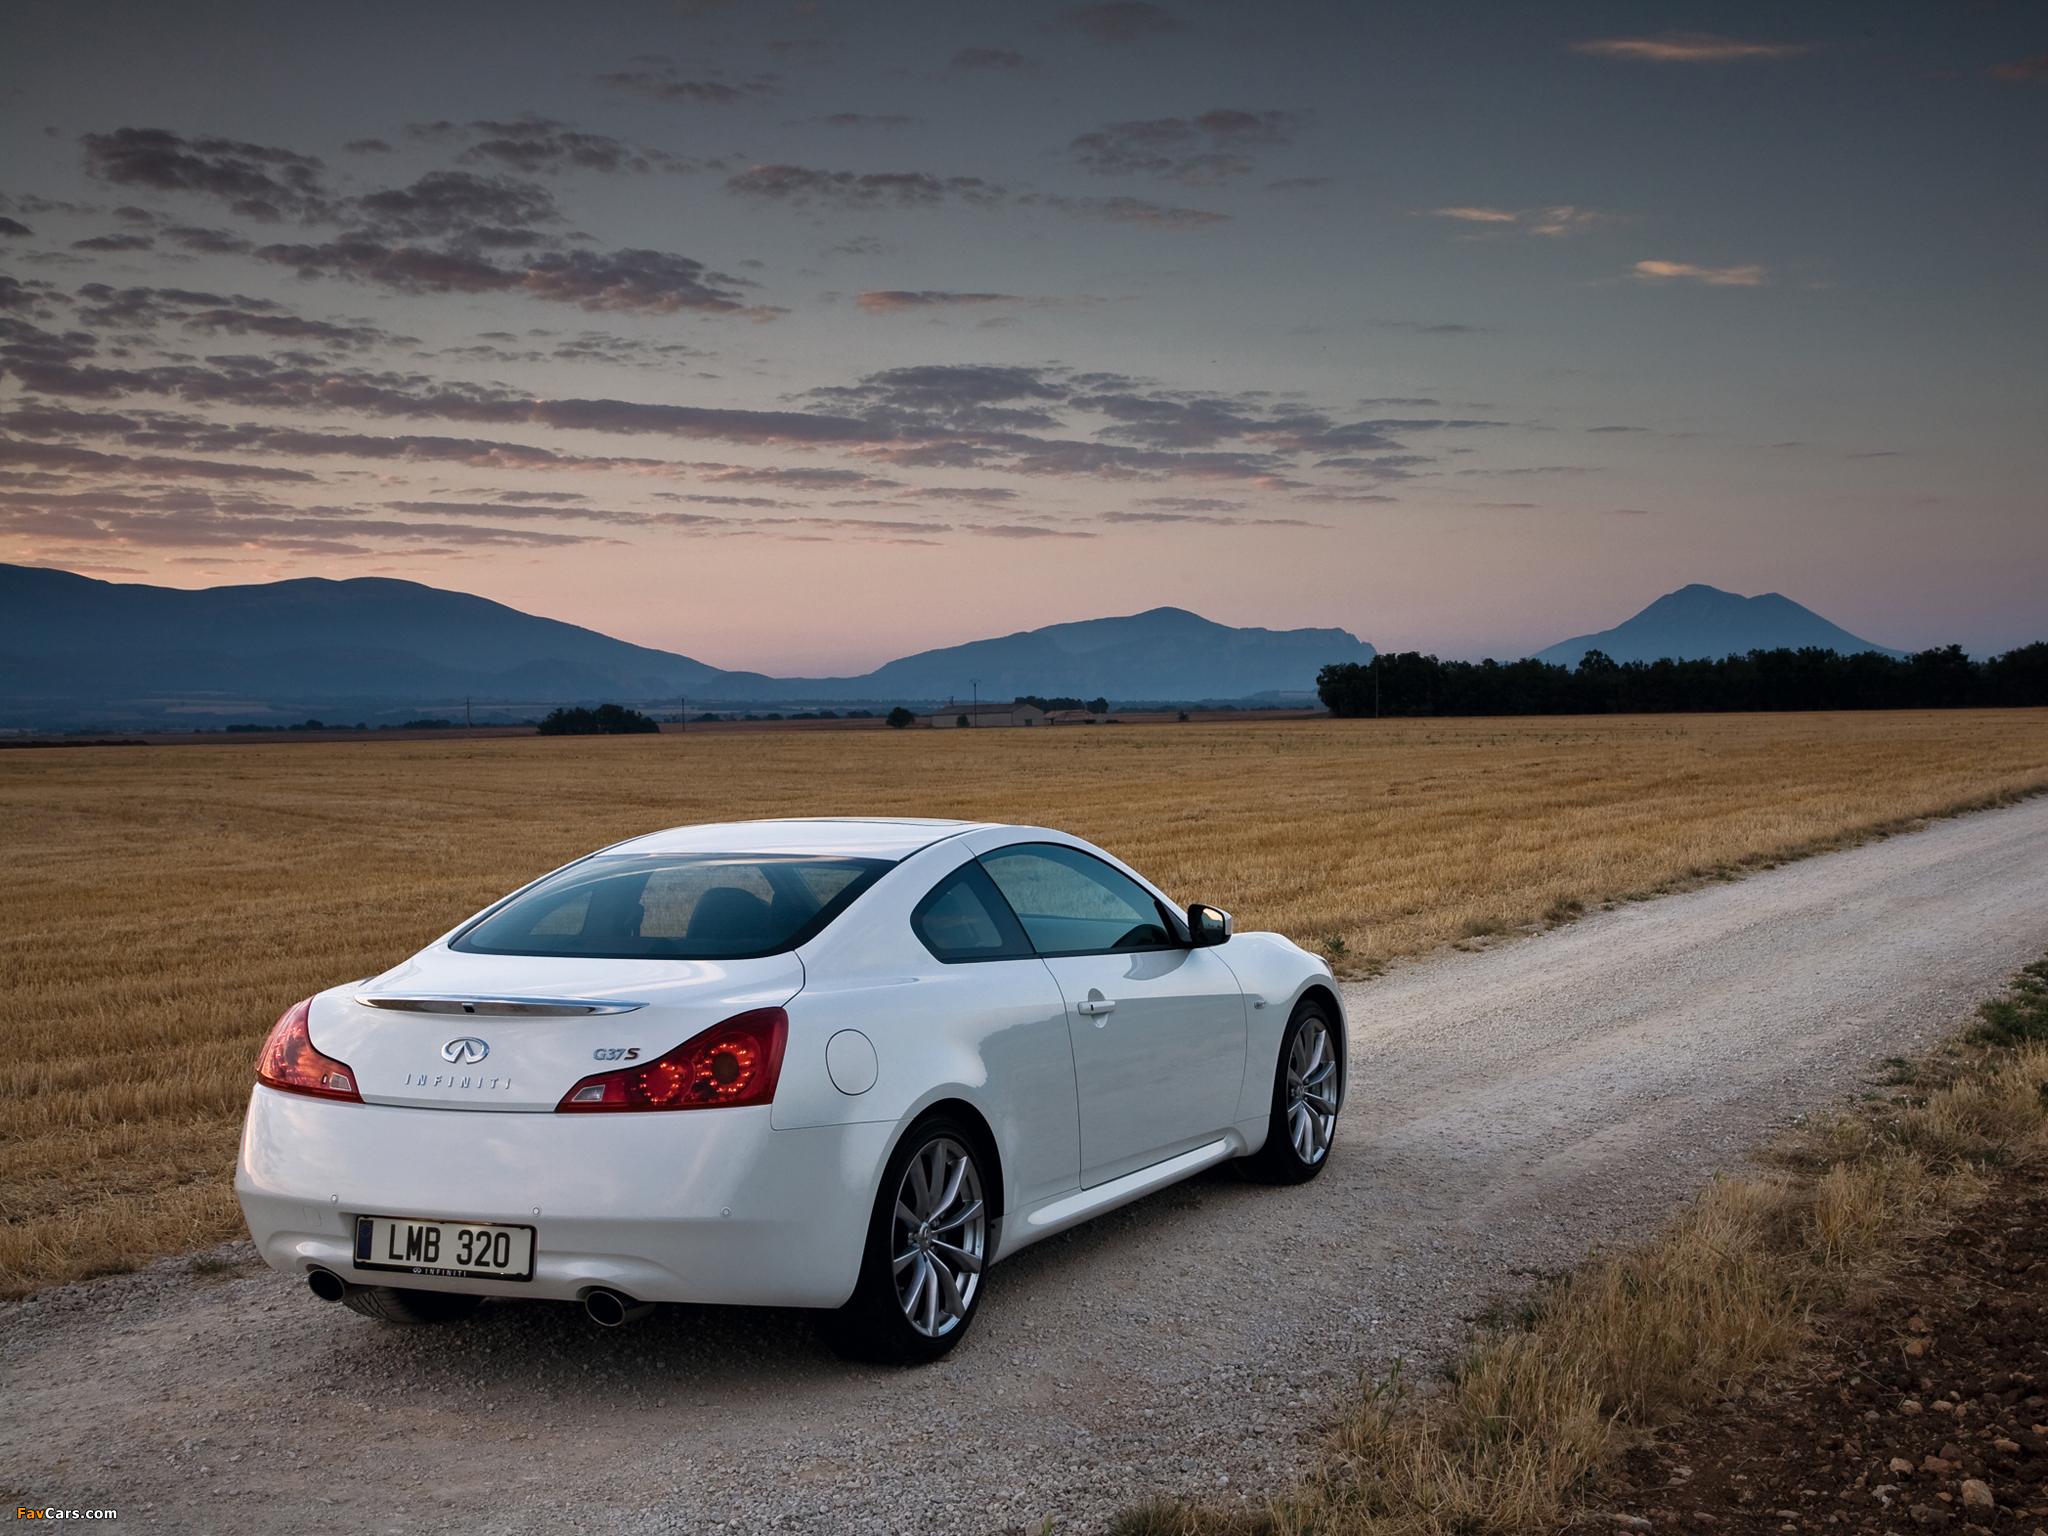 белый автомобиль Infiniti G скачать